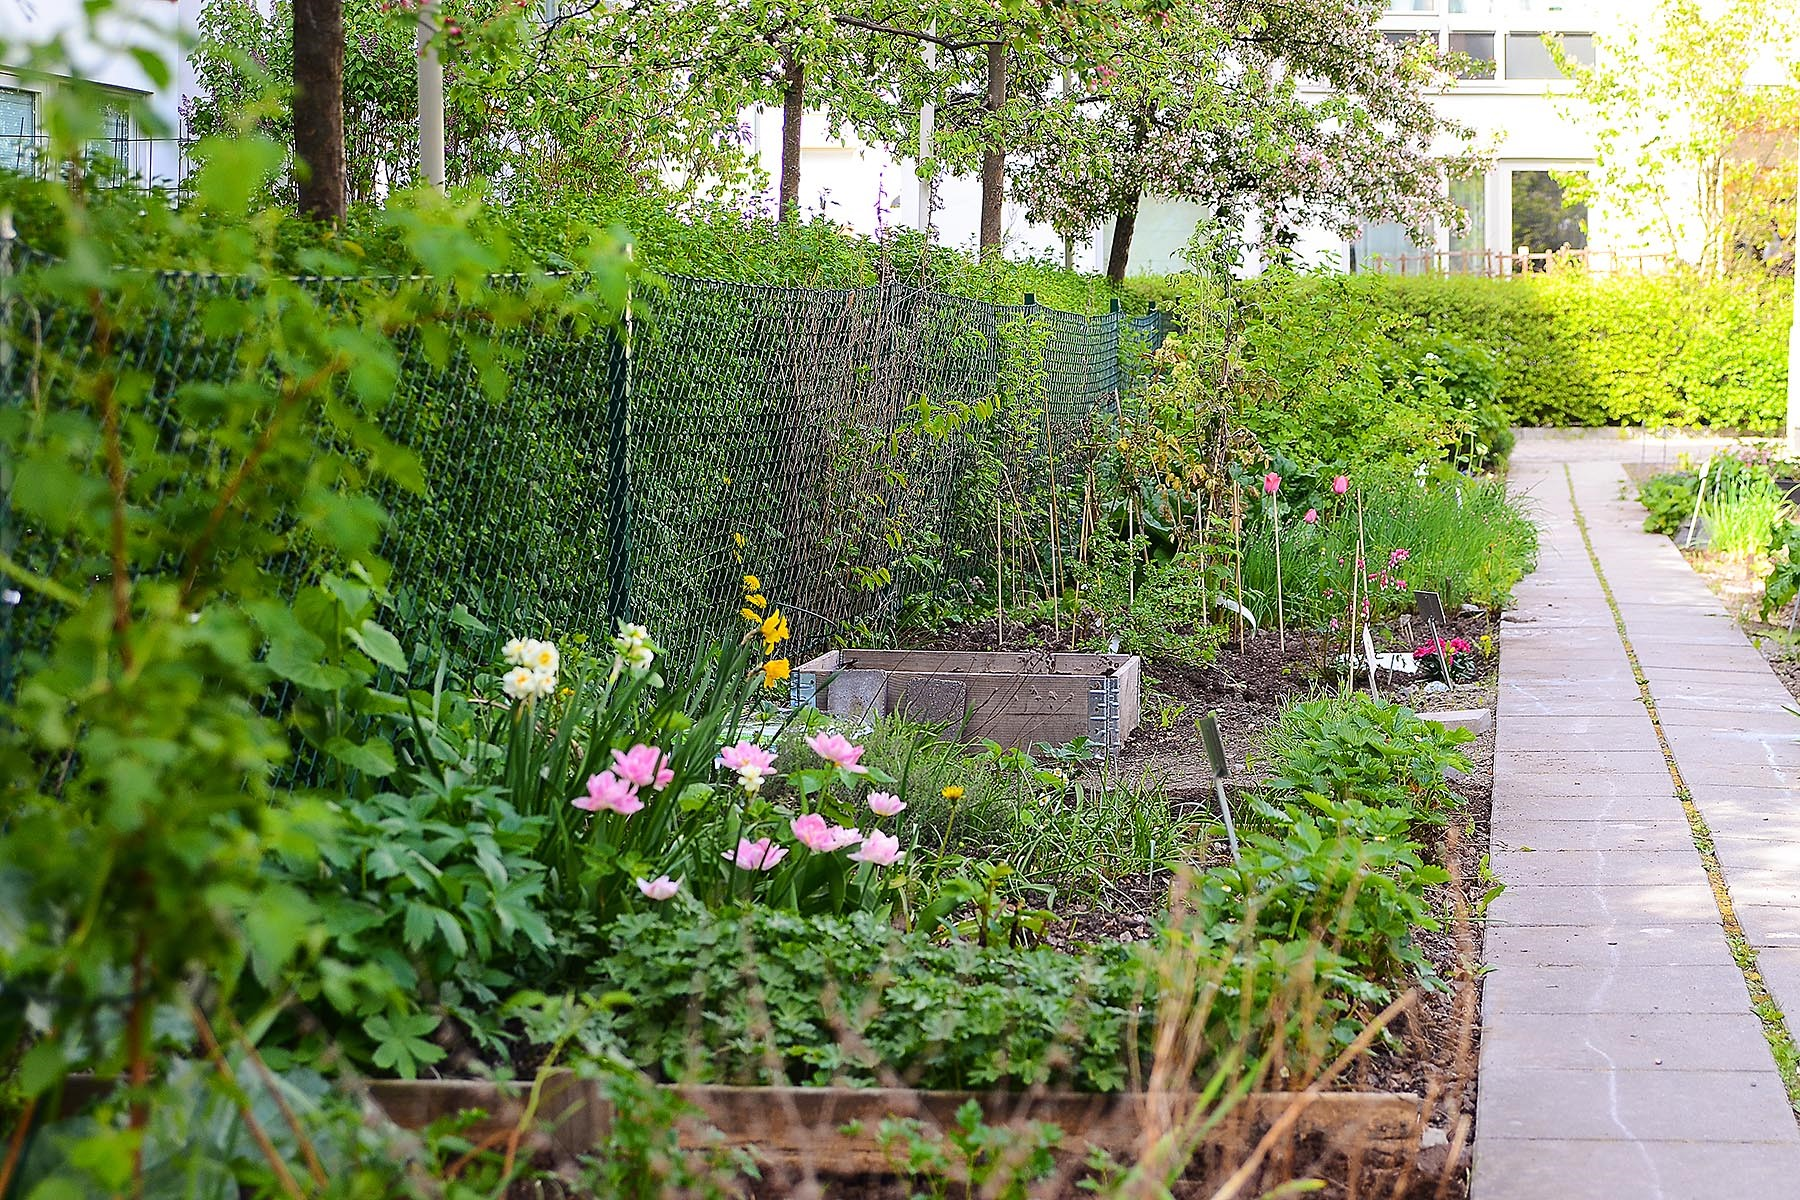 Lugnets Allé 69, 2 tr - På gården finns flera odlingslotter som hyrs ut till medlemmarna